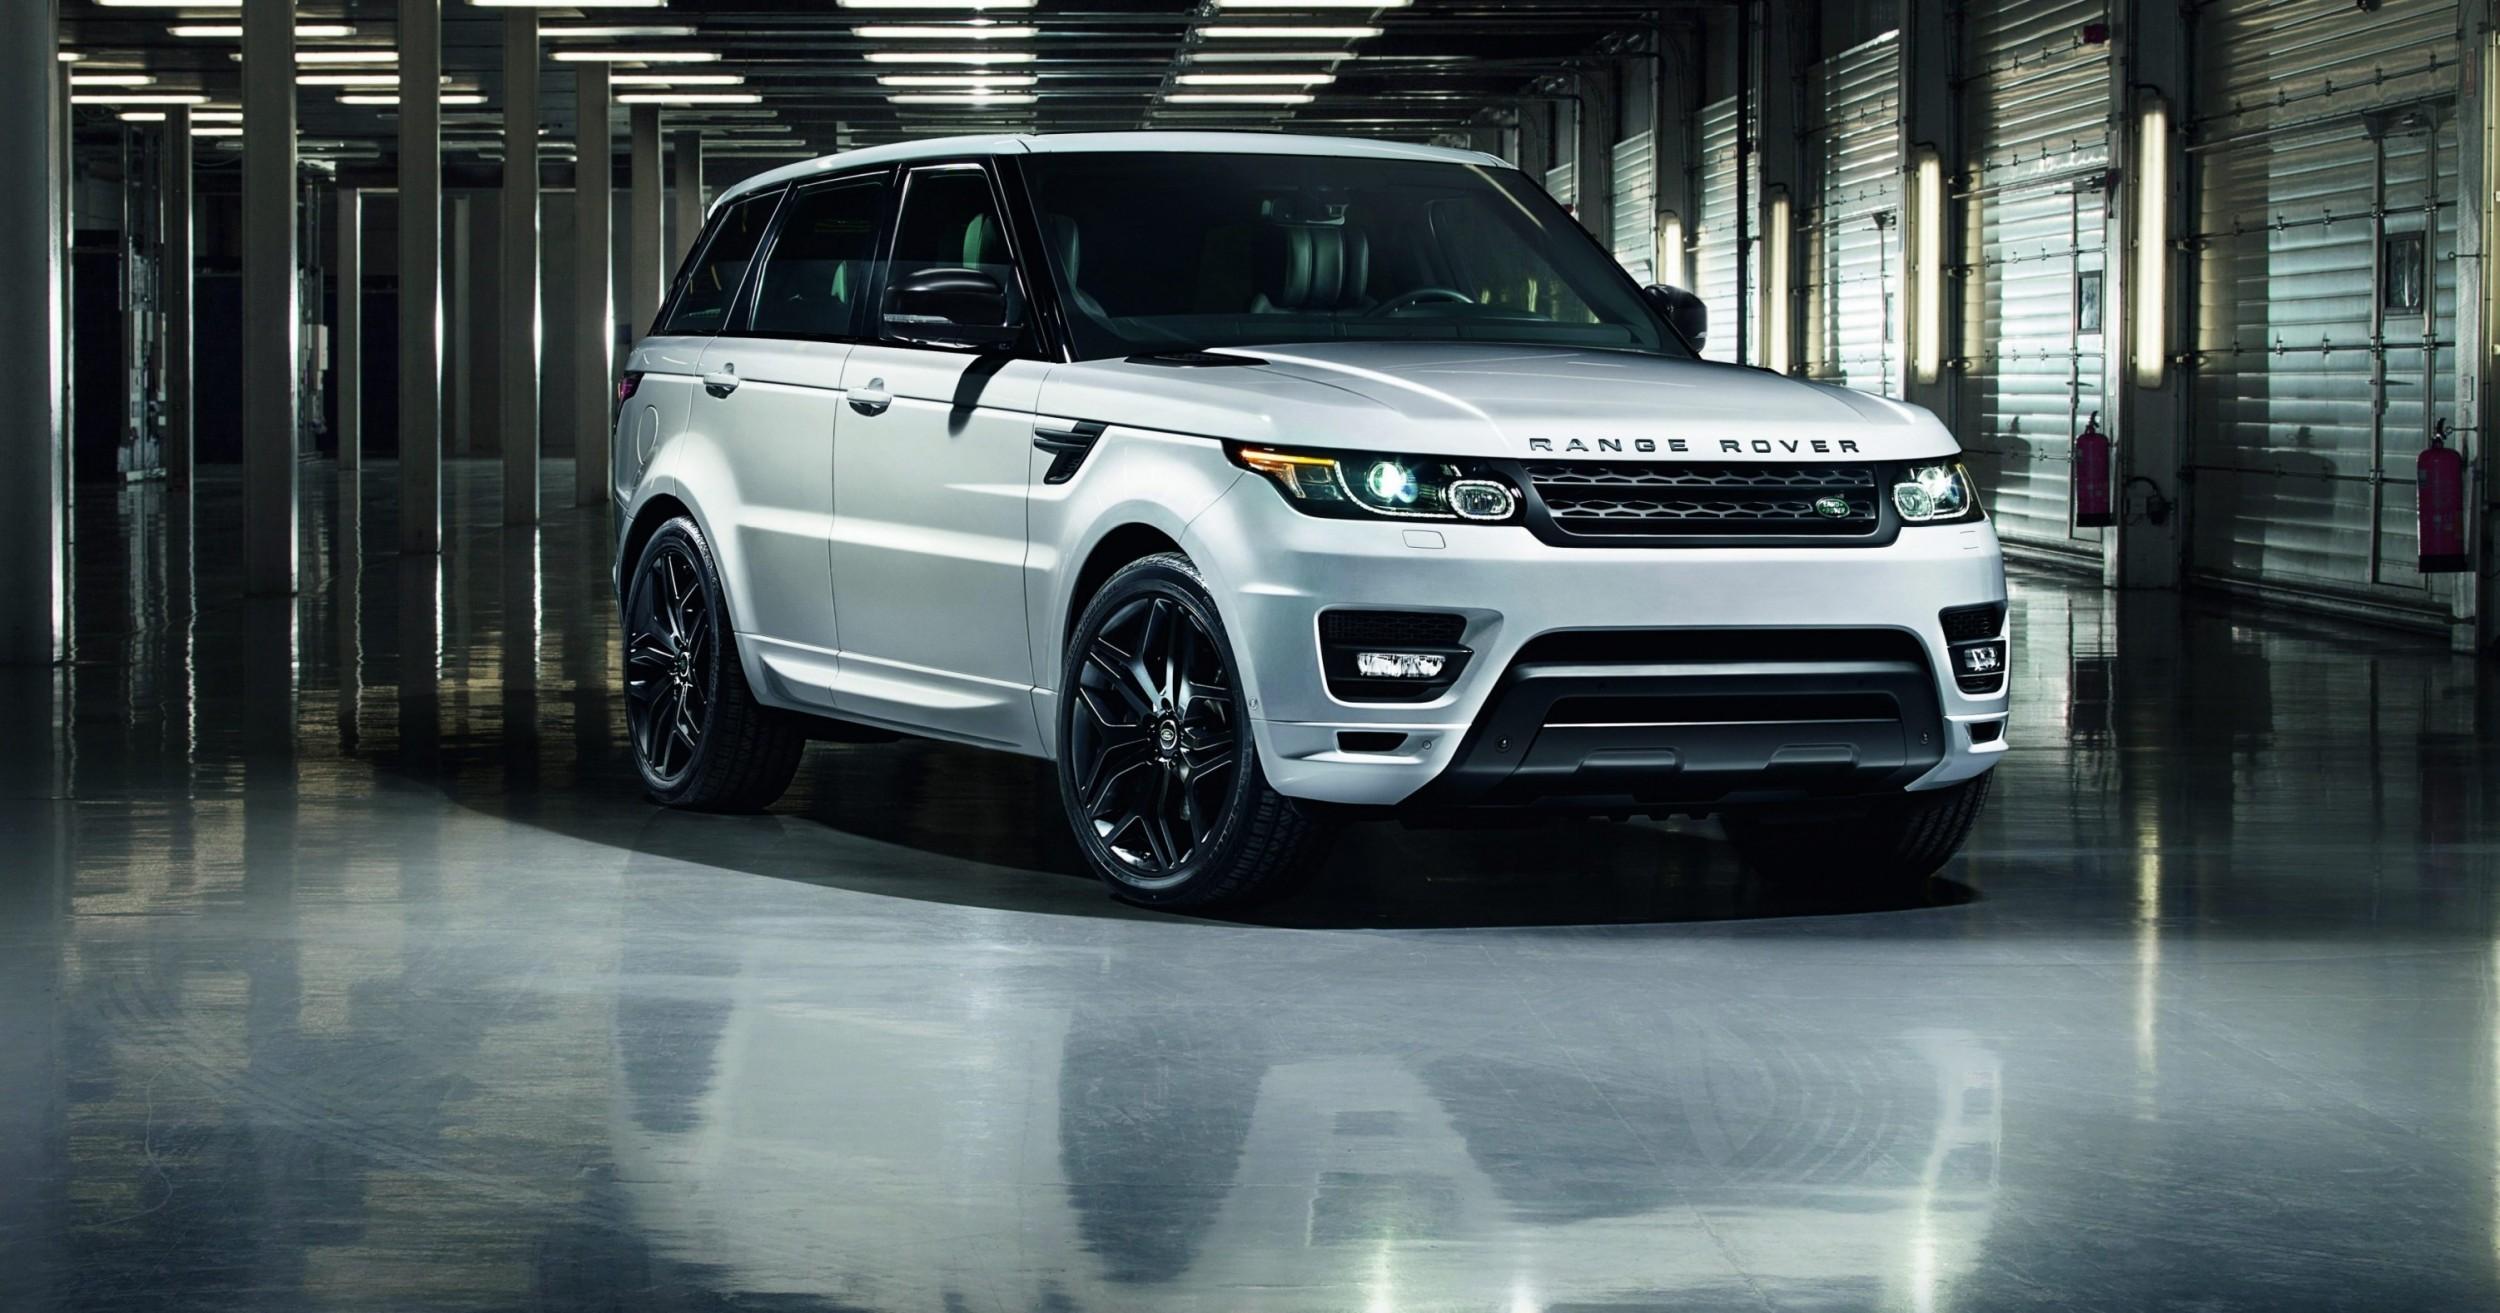 2014 range rover sport stealth pack brings black 21s or 22 inch wheels. Black Bedroom Furniture Sets. Home Design Ideas